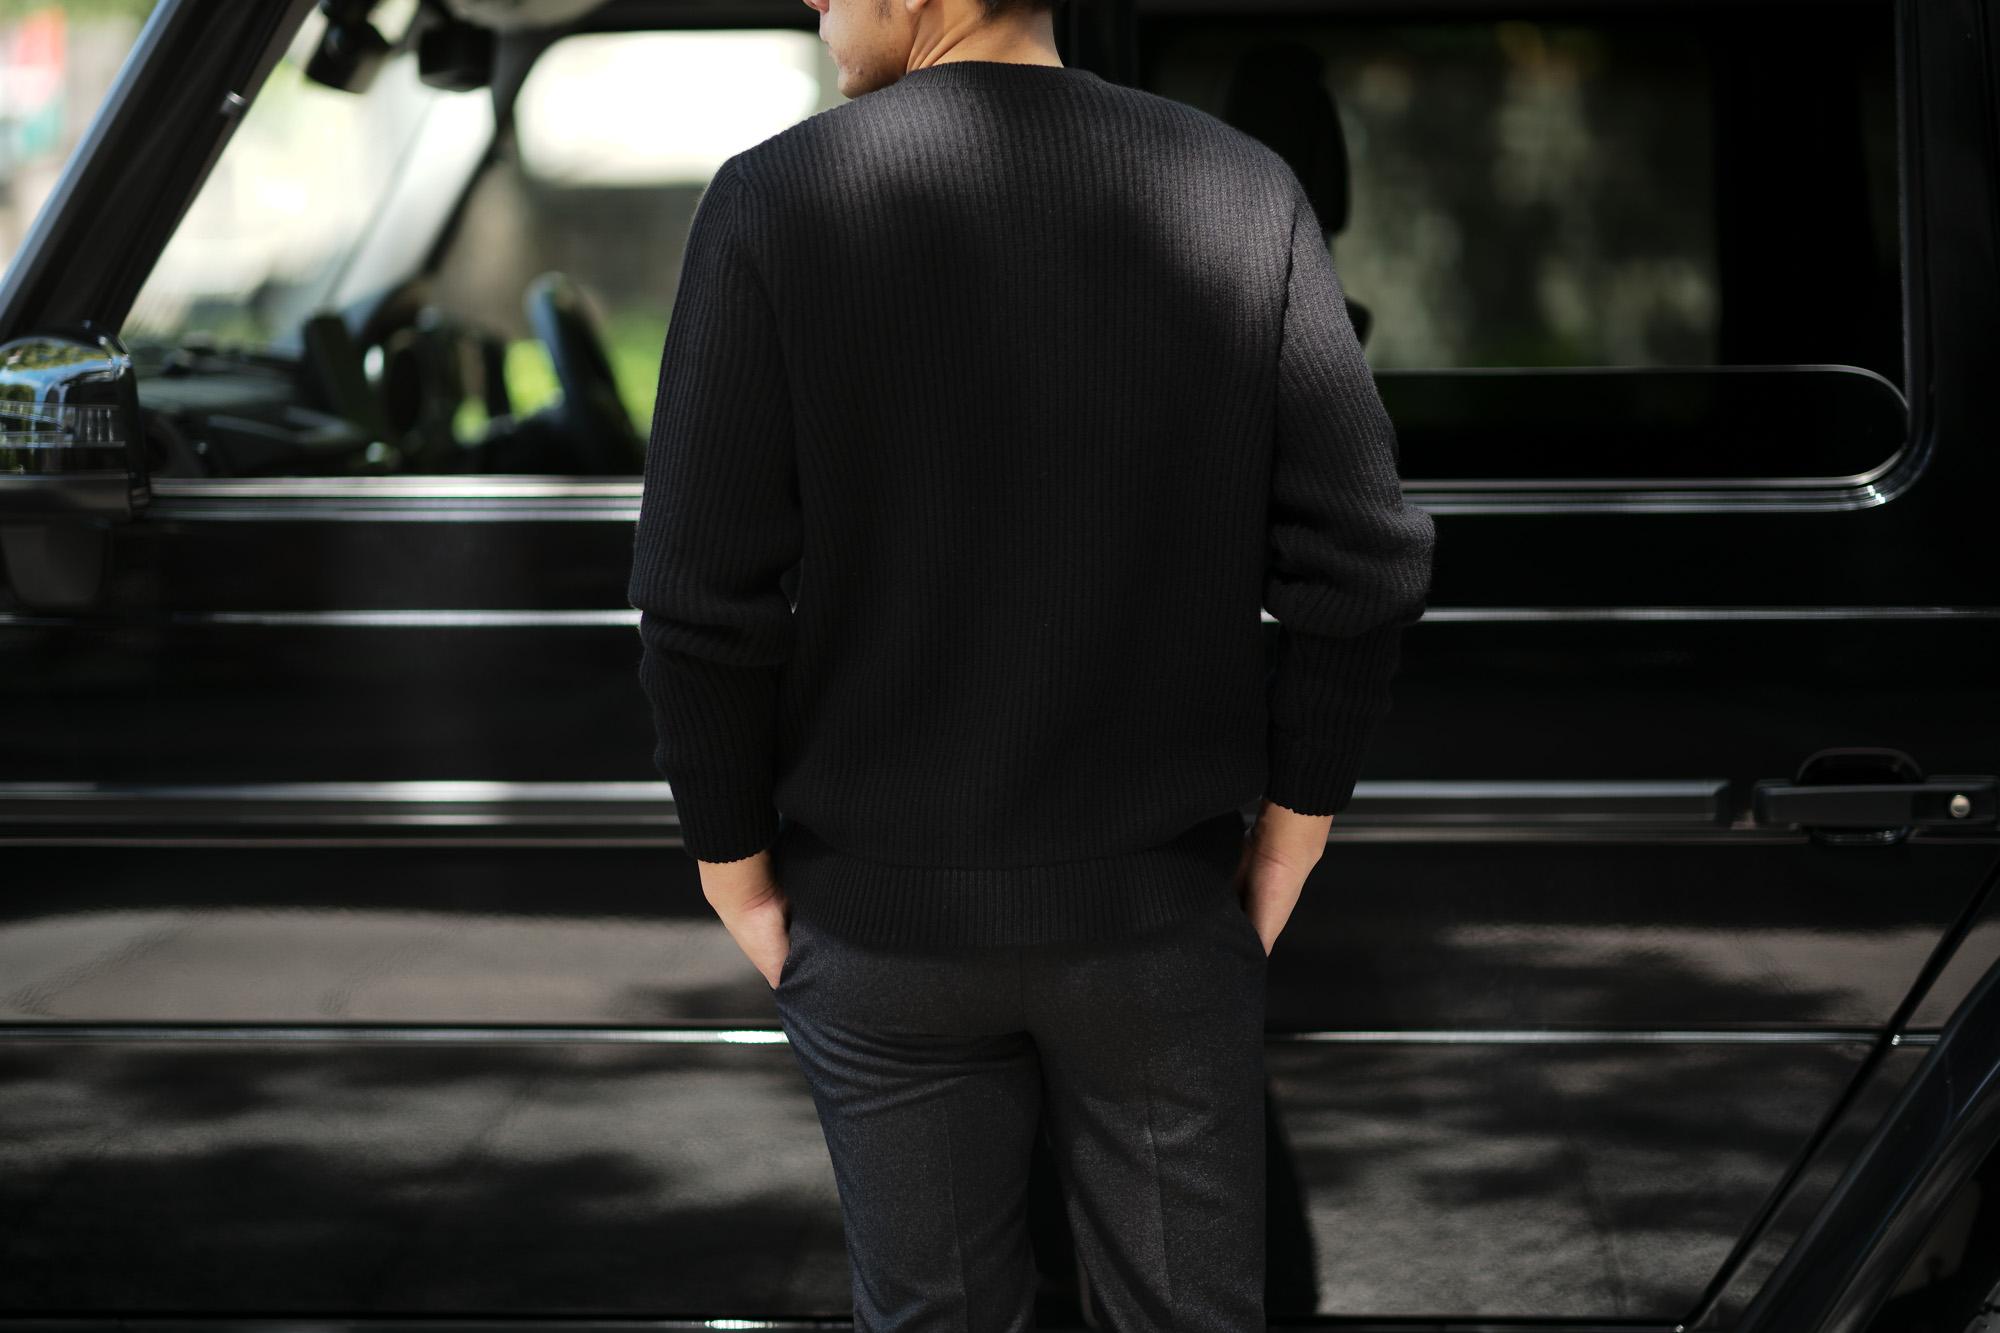 LAMBERTO LOSANI (ランベルト ロザーニ) Cashmere Crew Neck Sweater (カシミア クルーネック セーター) ローゲージ カシミアニット セーター BLACK (ブラック・0901) made in italy (イタリア製) 2019 秋冬 lambertolosani ランベルトロザーニ 愛知 名古屋 altoediritto アルトエデリット